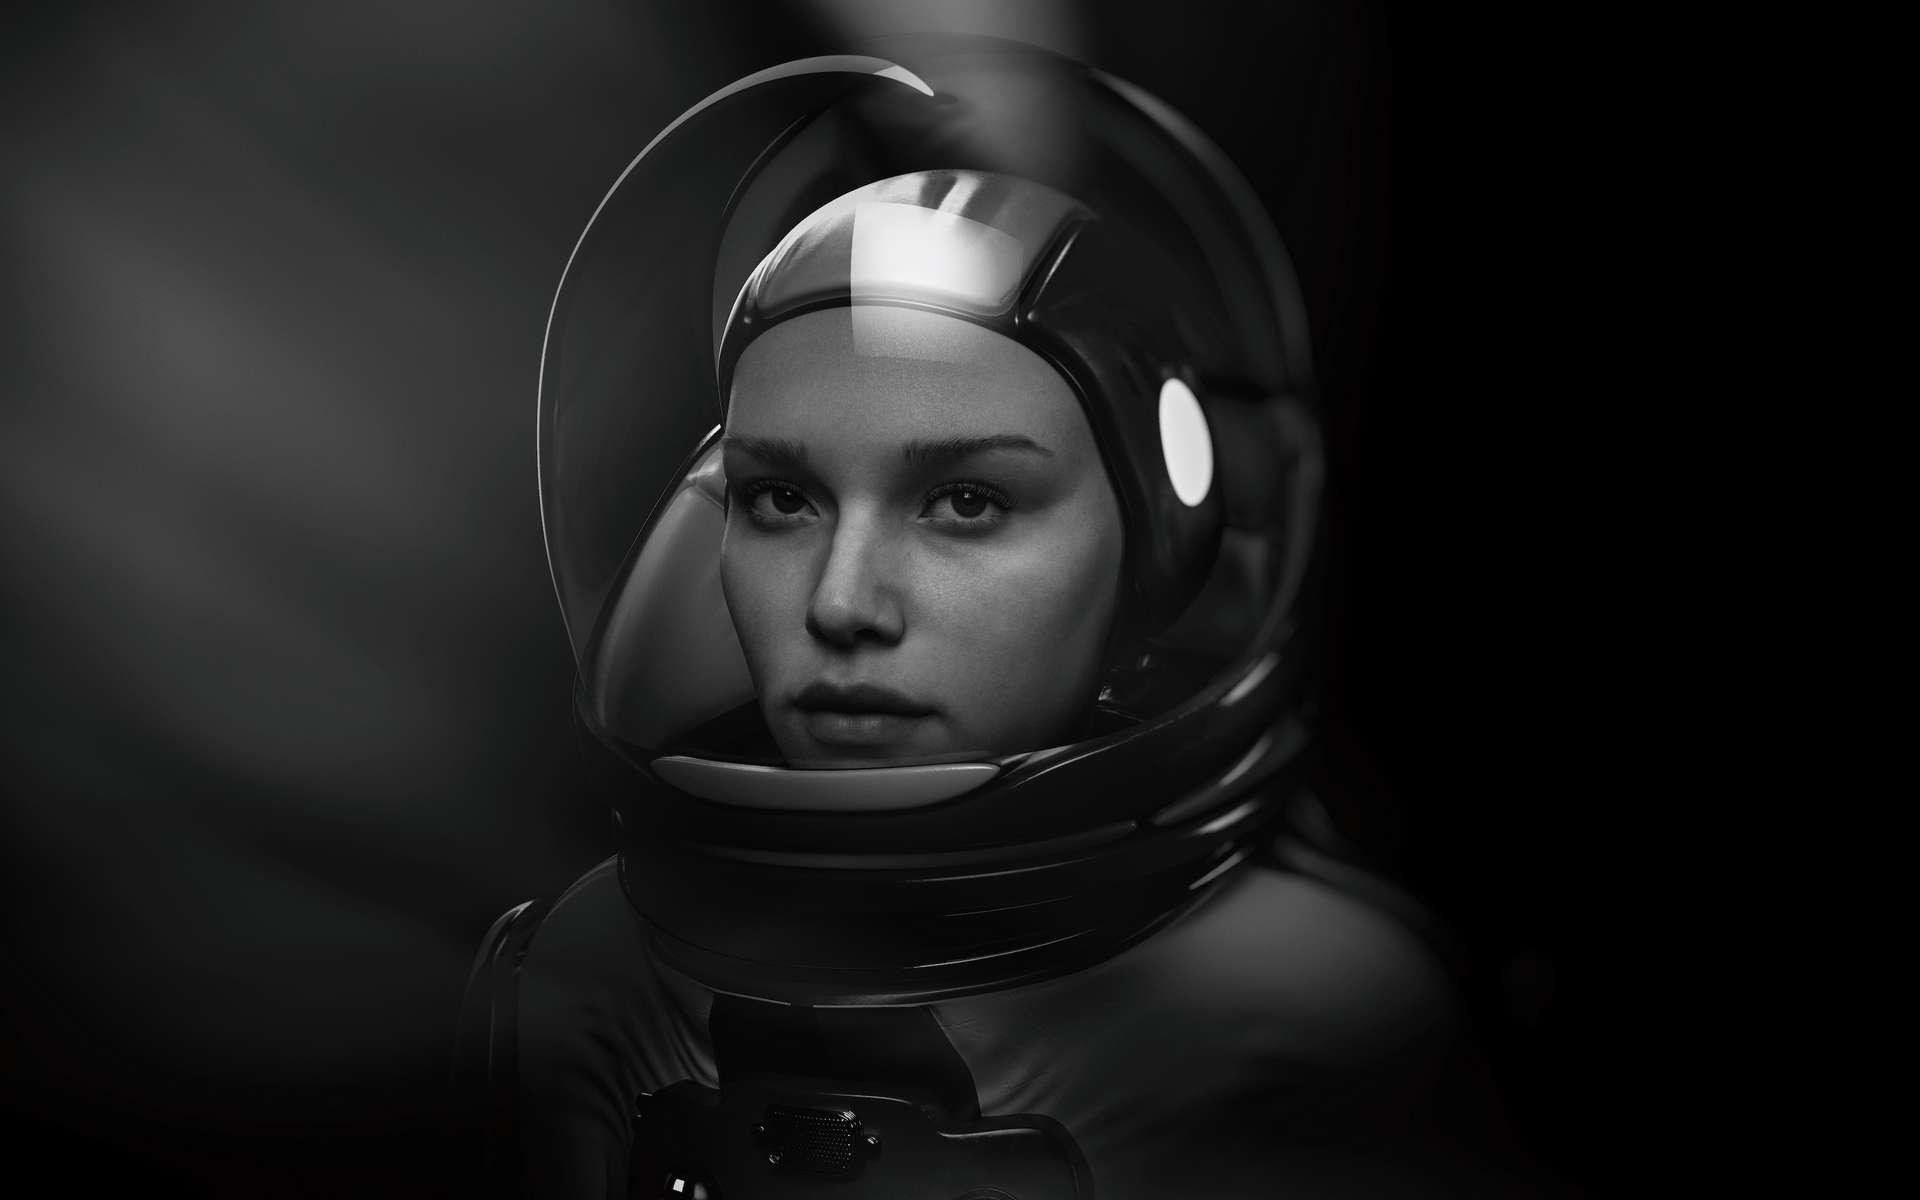 L'ESA recherche ses futurs astronautes. © hutangach, Adobe Stock